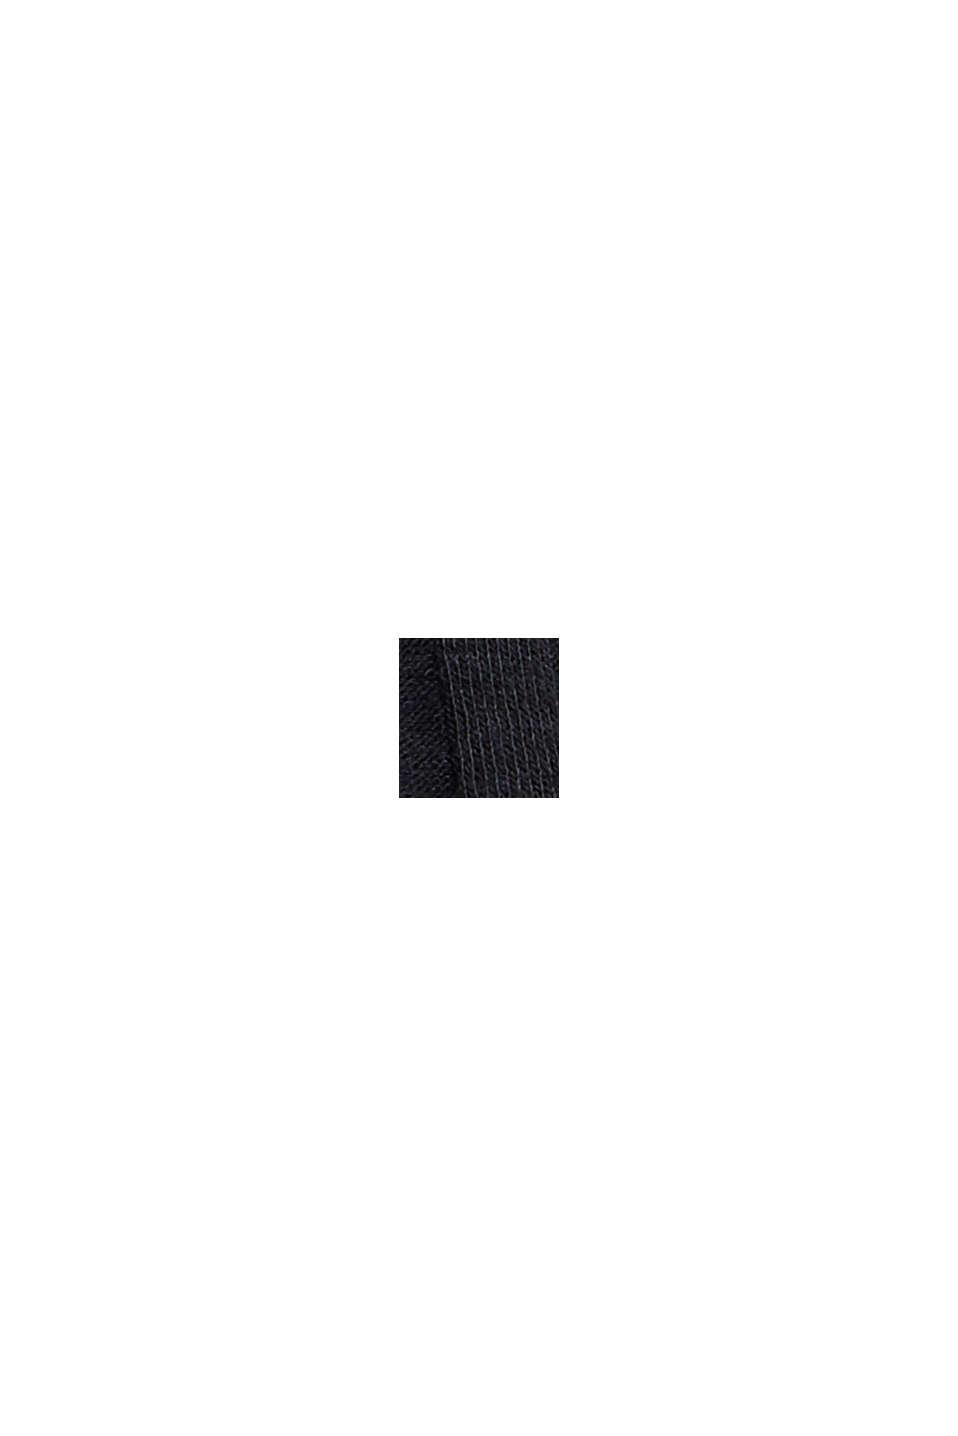 Af genanvendte materialer: Midi-jerseynederdel med ribstruktur, BLACK, swatch